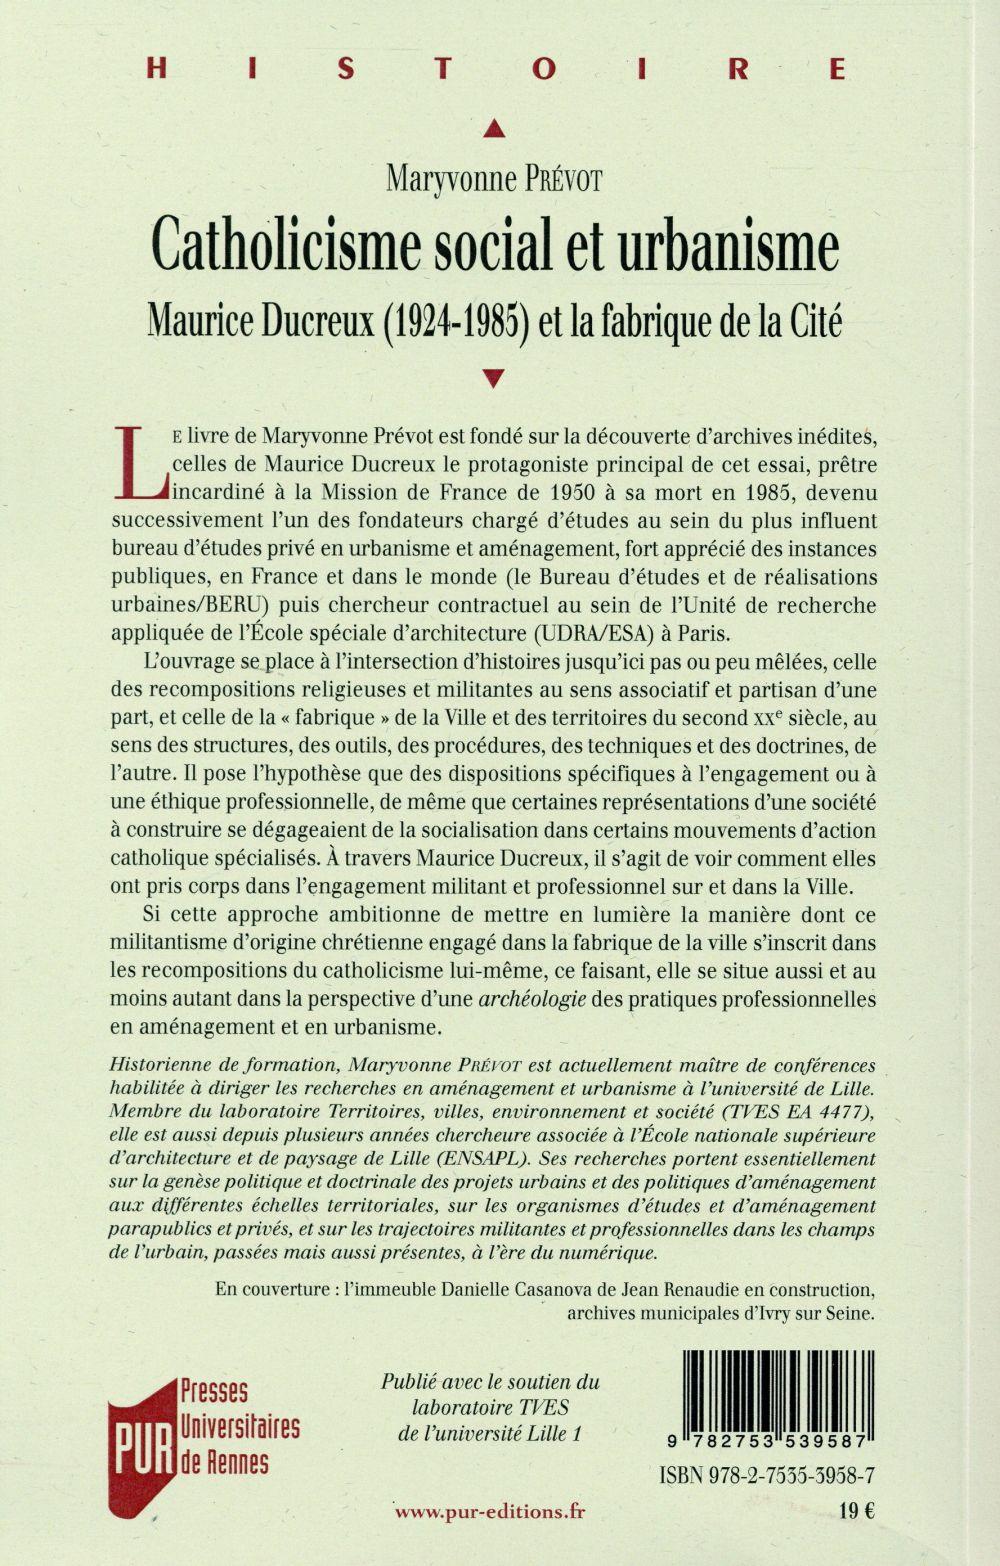 Catholicisme social et urbanisme ; Maurice Ducreux (1924-1985) et la fabrique de la Cité